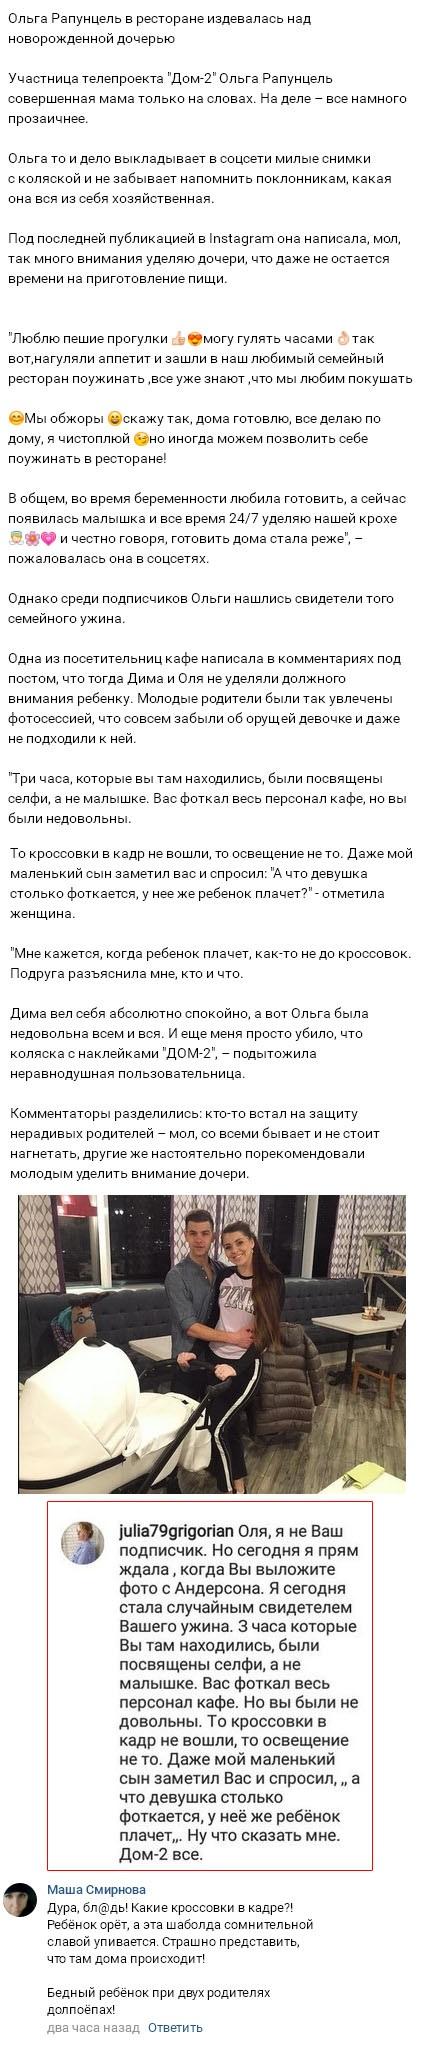 Ольга Рапунцель издевалась над новорожденной дочерью в ресторане